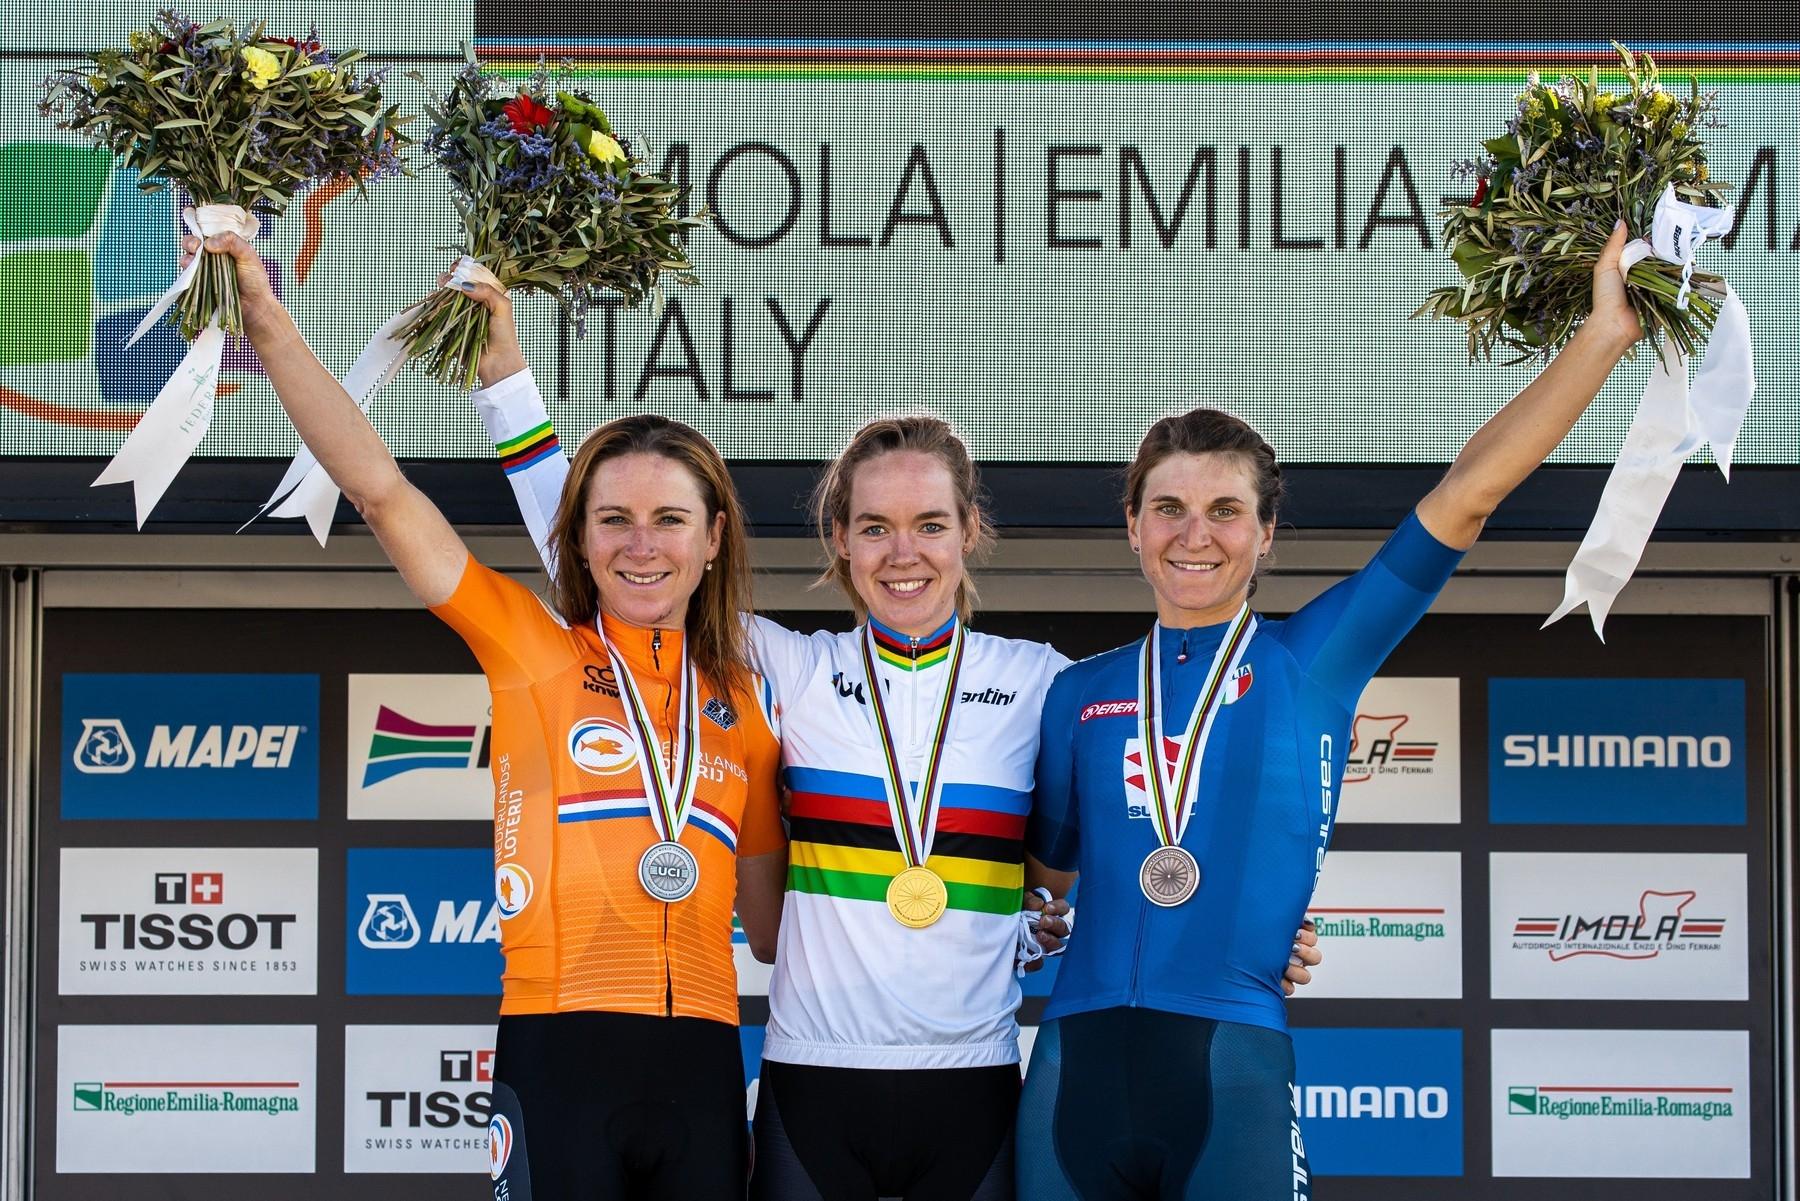 Stupně vítězů při MS v Imole. Annemiek van Vleutenová z Nizozemska, její krajanka Anna van der Breggenová a bronzová Elisa Longo Borghiniová z Itálie (zleva). Foto: profimedia